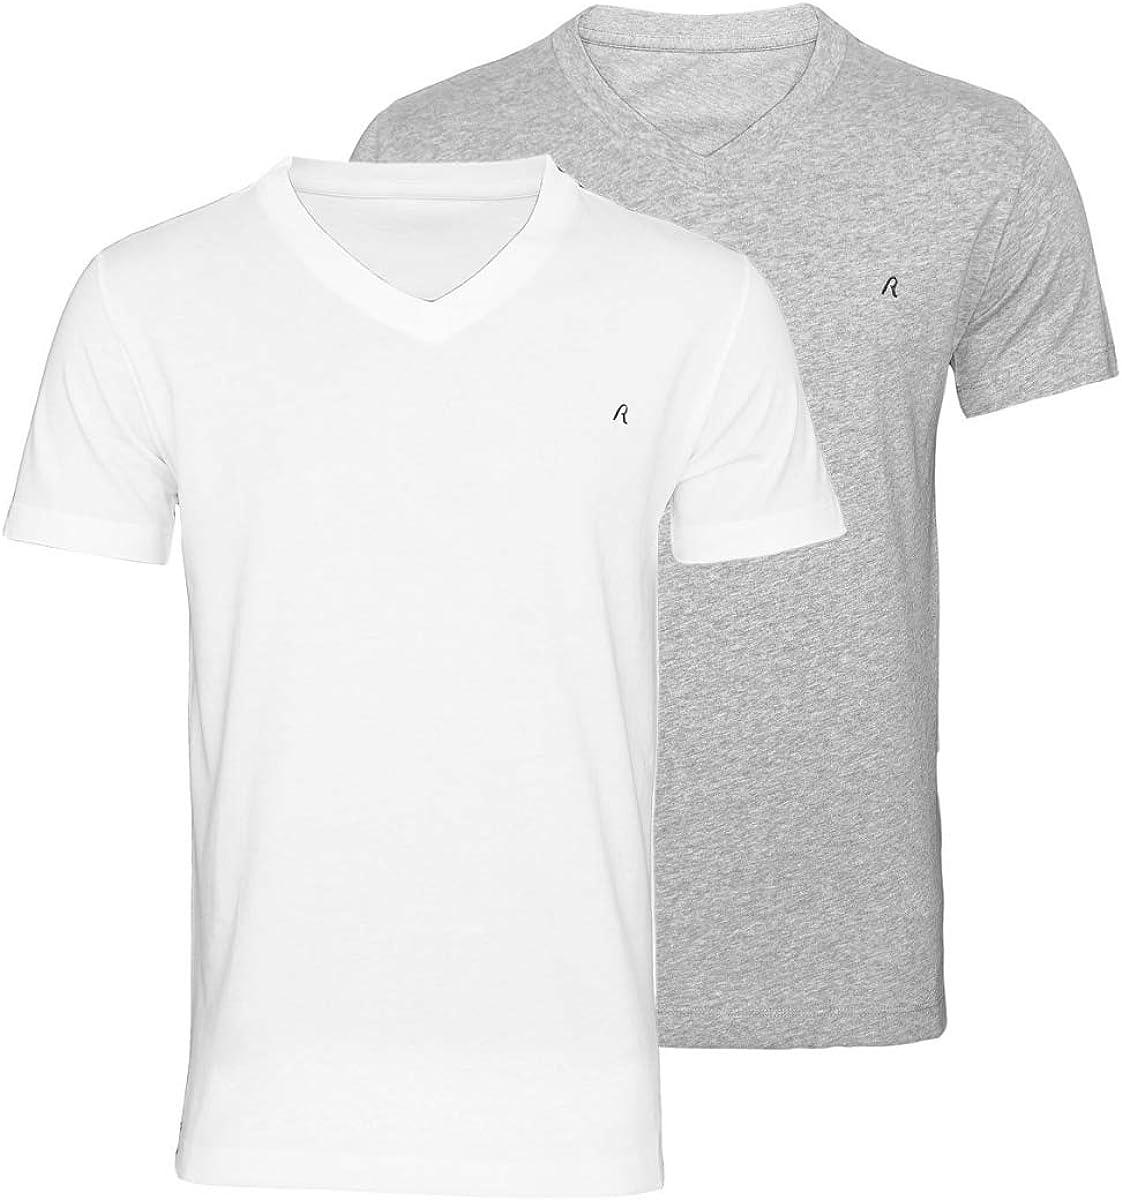 REPLAY Logo T-Shirt M3852 Burgund 100/% Baumwolle NEU Größe L